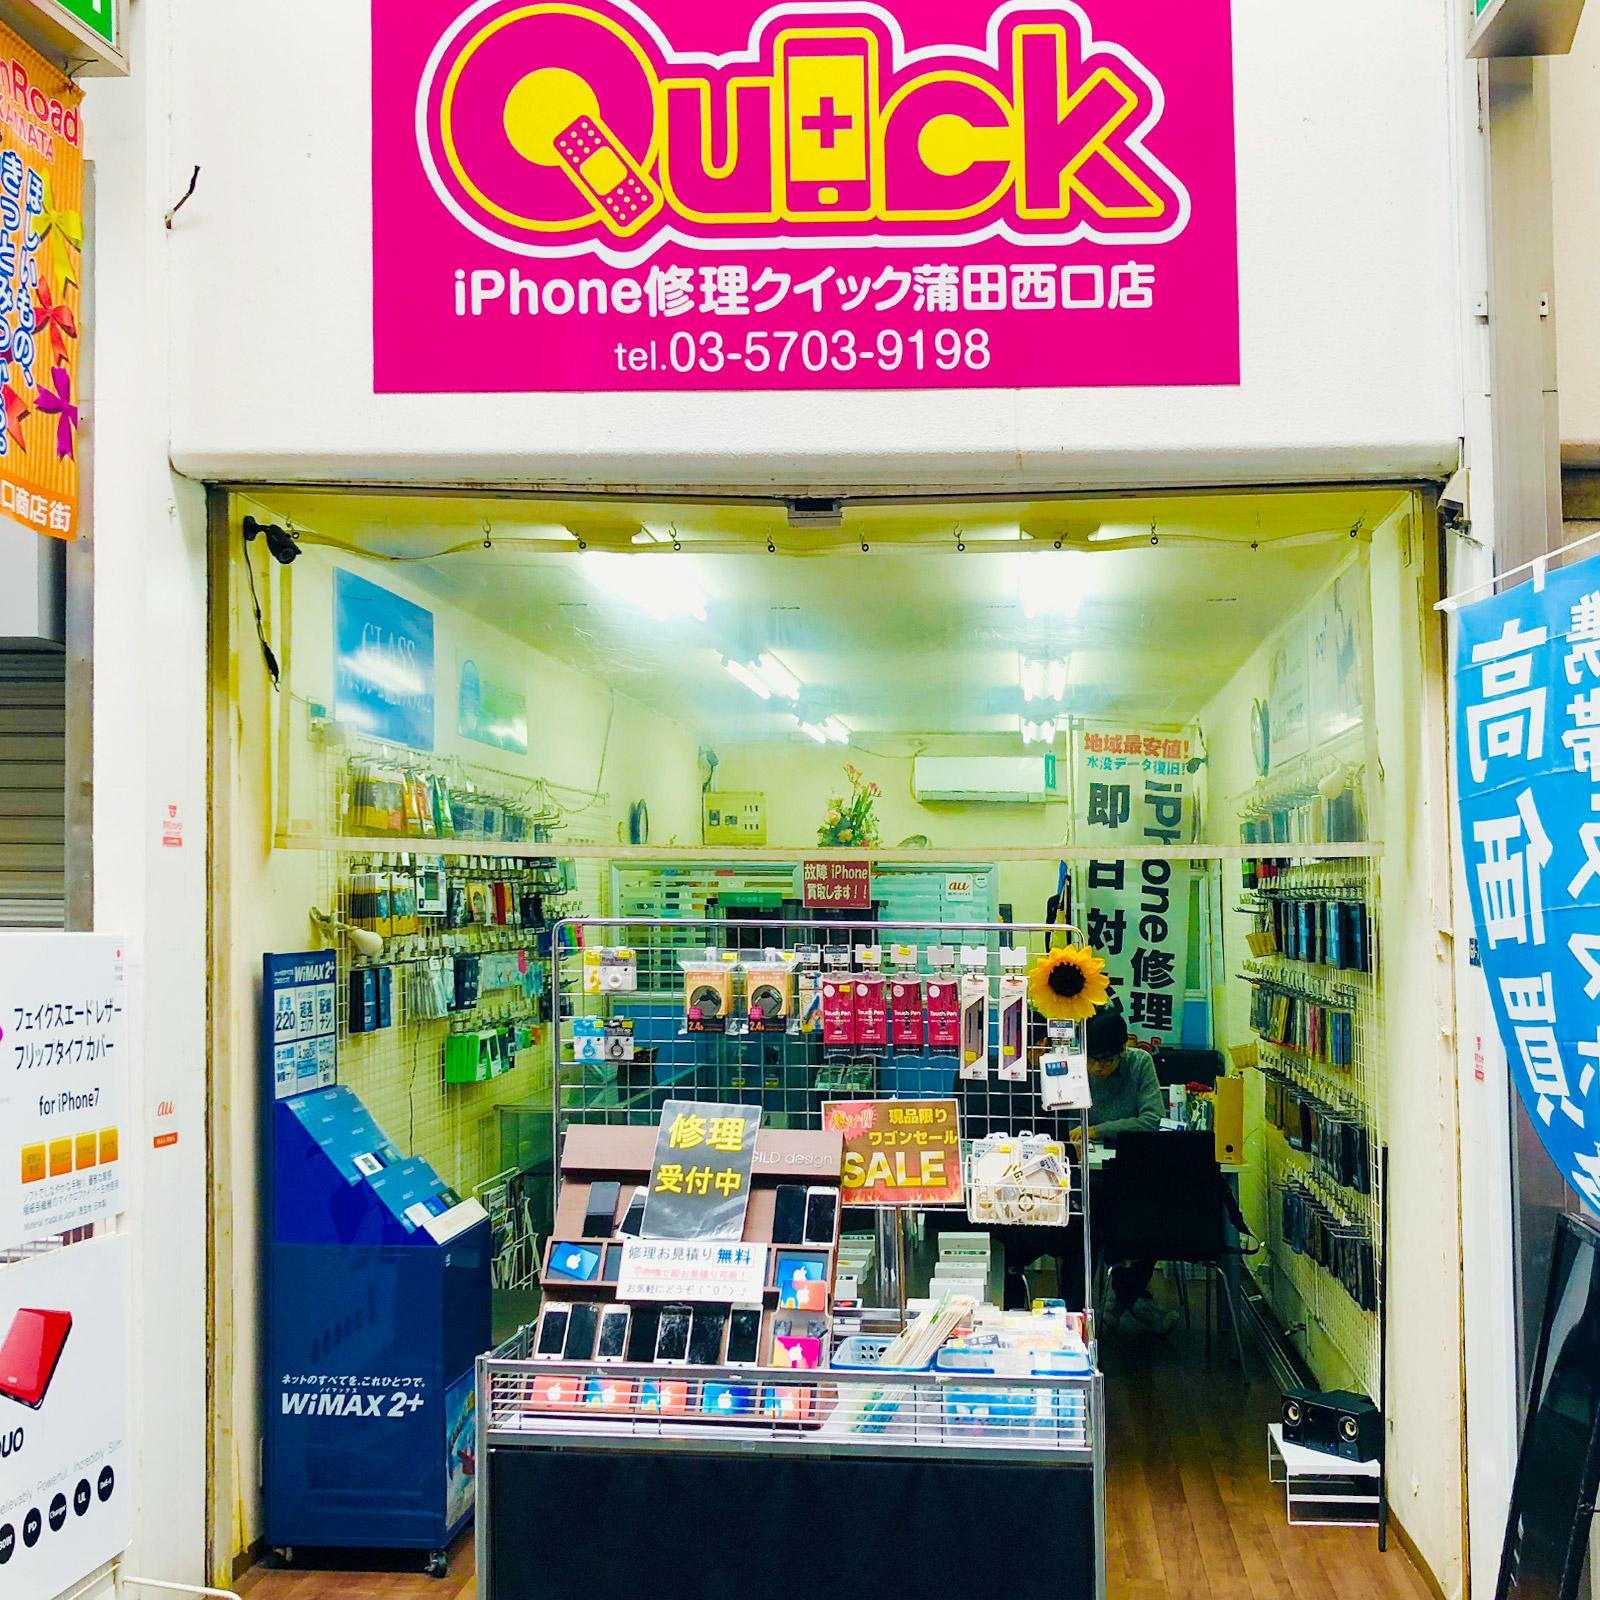 iPhone修理のクイック 蒲田西口店